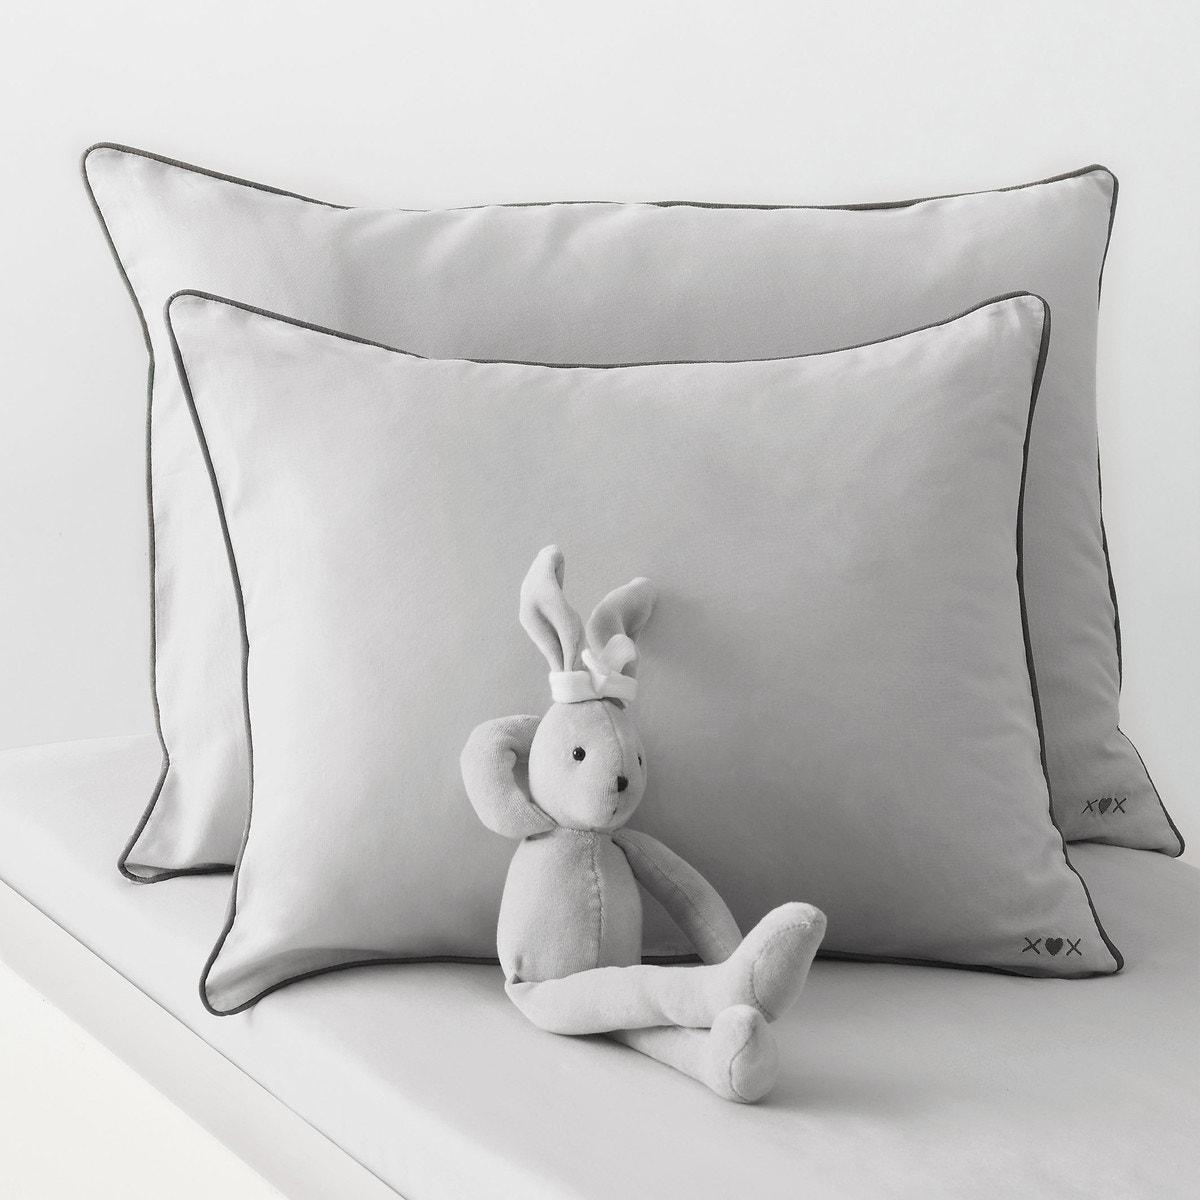 Παιδική μονή μαξιλαροθήκη ΓΚΡΙ σπιτι   κρεβατοκάμαρα   μαξιλαροθήκες